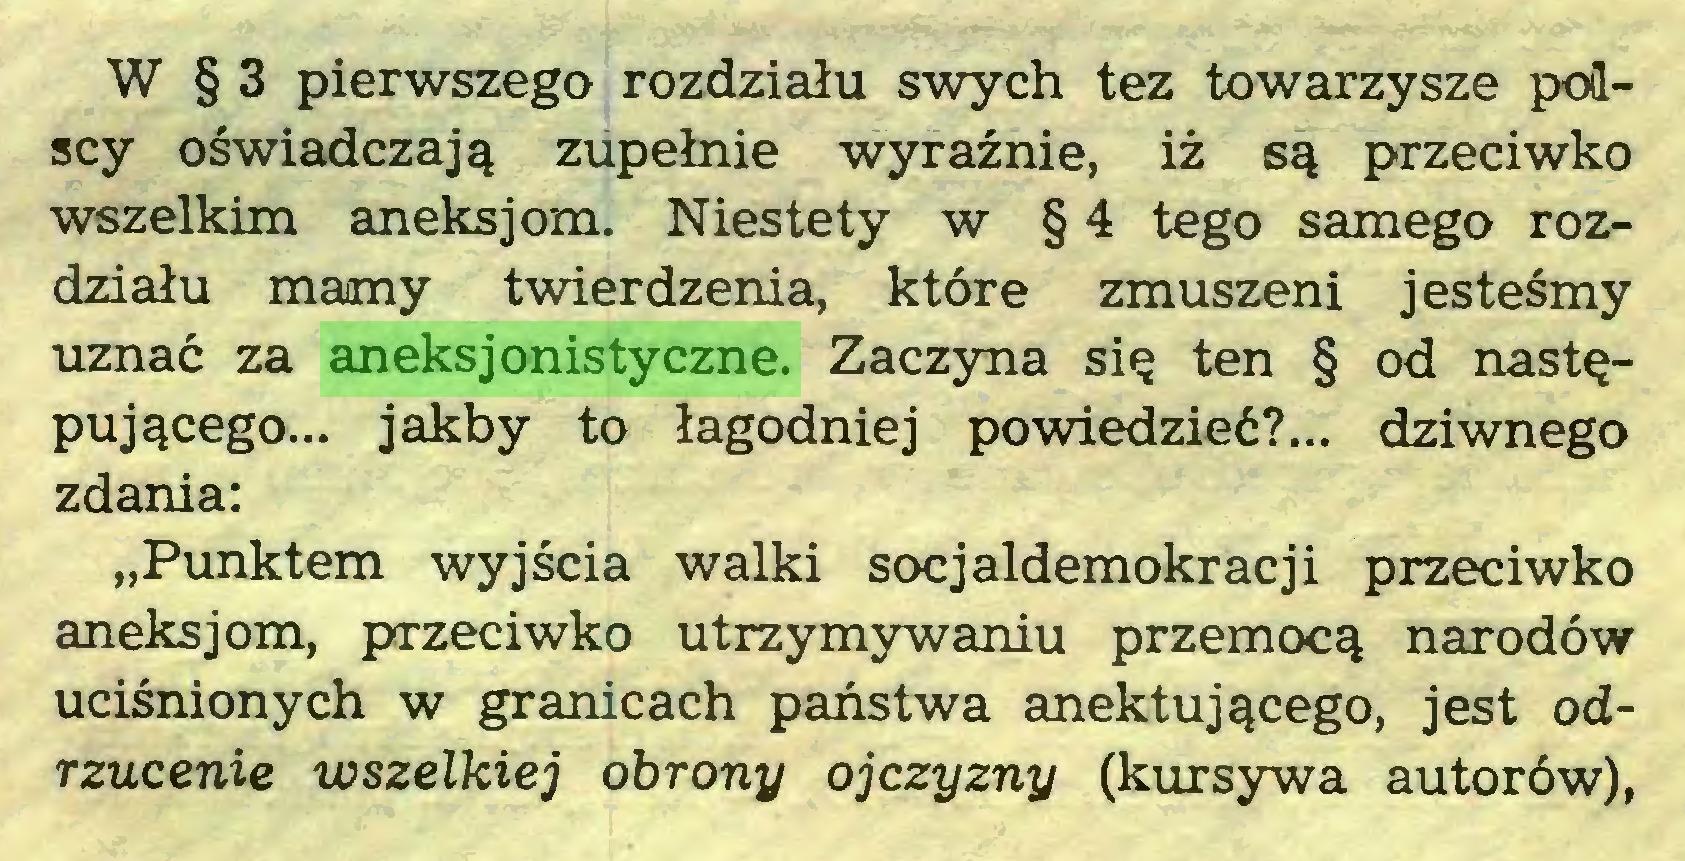 """(...) W § 3 pierwszego rozdziału swych tez towarzysze polscy oświadczają zupełnie wyraźnie, iż są przeciwko wszelkim aneksj om. Niestety w § 4 tego samego rozdziału mamy twierdzenia, które zmuszeni jesteśmy uznać za aneksjonistyczne. Zaczyna się ten § od następującego... jakby to łagodniej powiedzieć?... dziwnego zdania: """"Punktem wyjścia walki socjaldemokracji przeciwko aneksjom, przeciwko utrzymywaniu przemocą narodów uciśnionych w granicach państwa anektującego, jest odrzucenie wszelkiej obrony ojczyzny (kursywa autorów),..."""